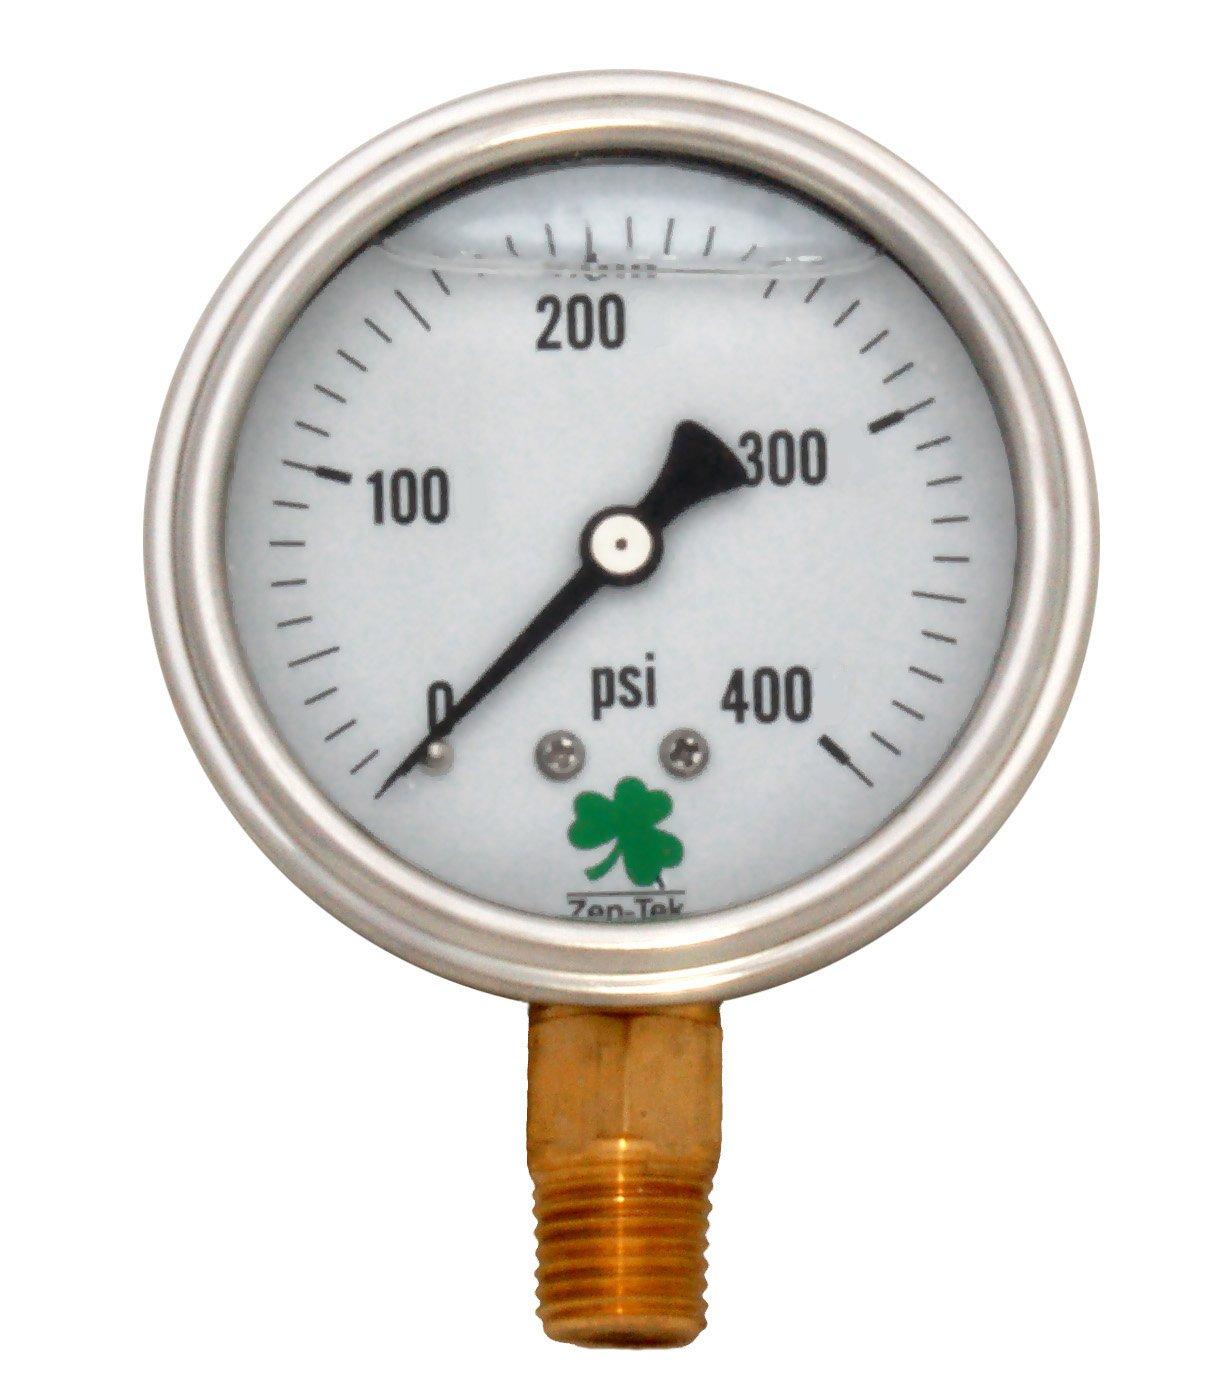 Zenport LPG400 Zen-Tek Glycerin Liquid Filled Pressure Gauge, 400 PSI